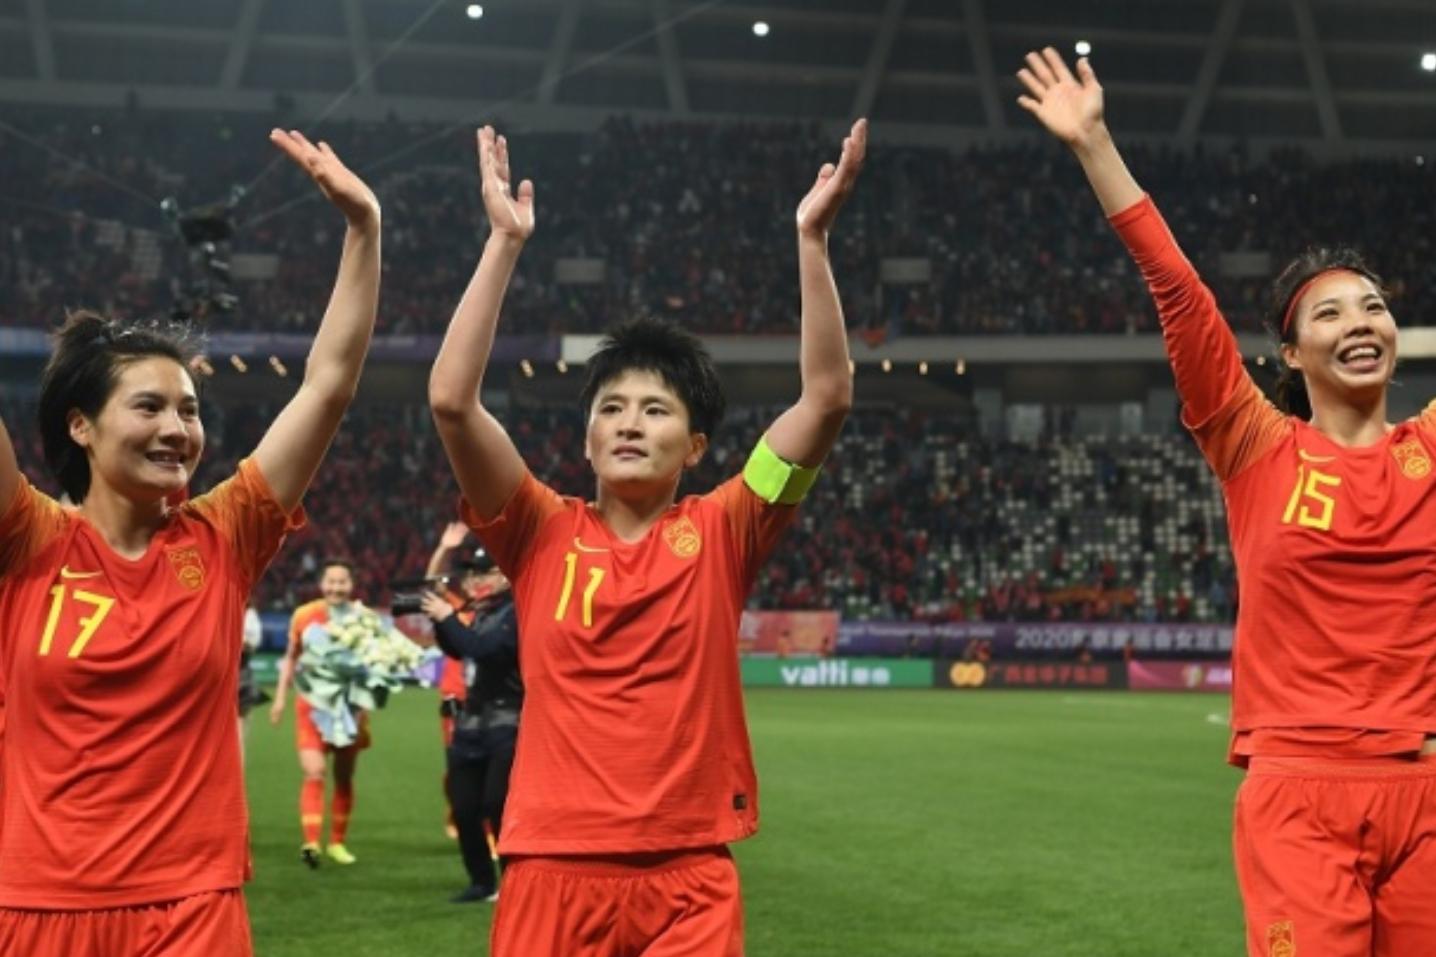 足球报:女足0-2落后时,陈戌源曾在中场休息时到更衣室为球员打气-今球app官网